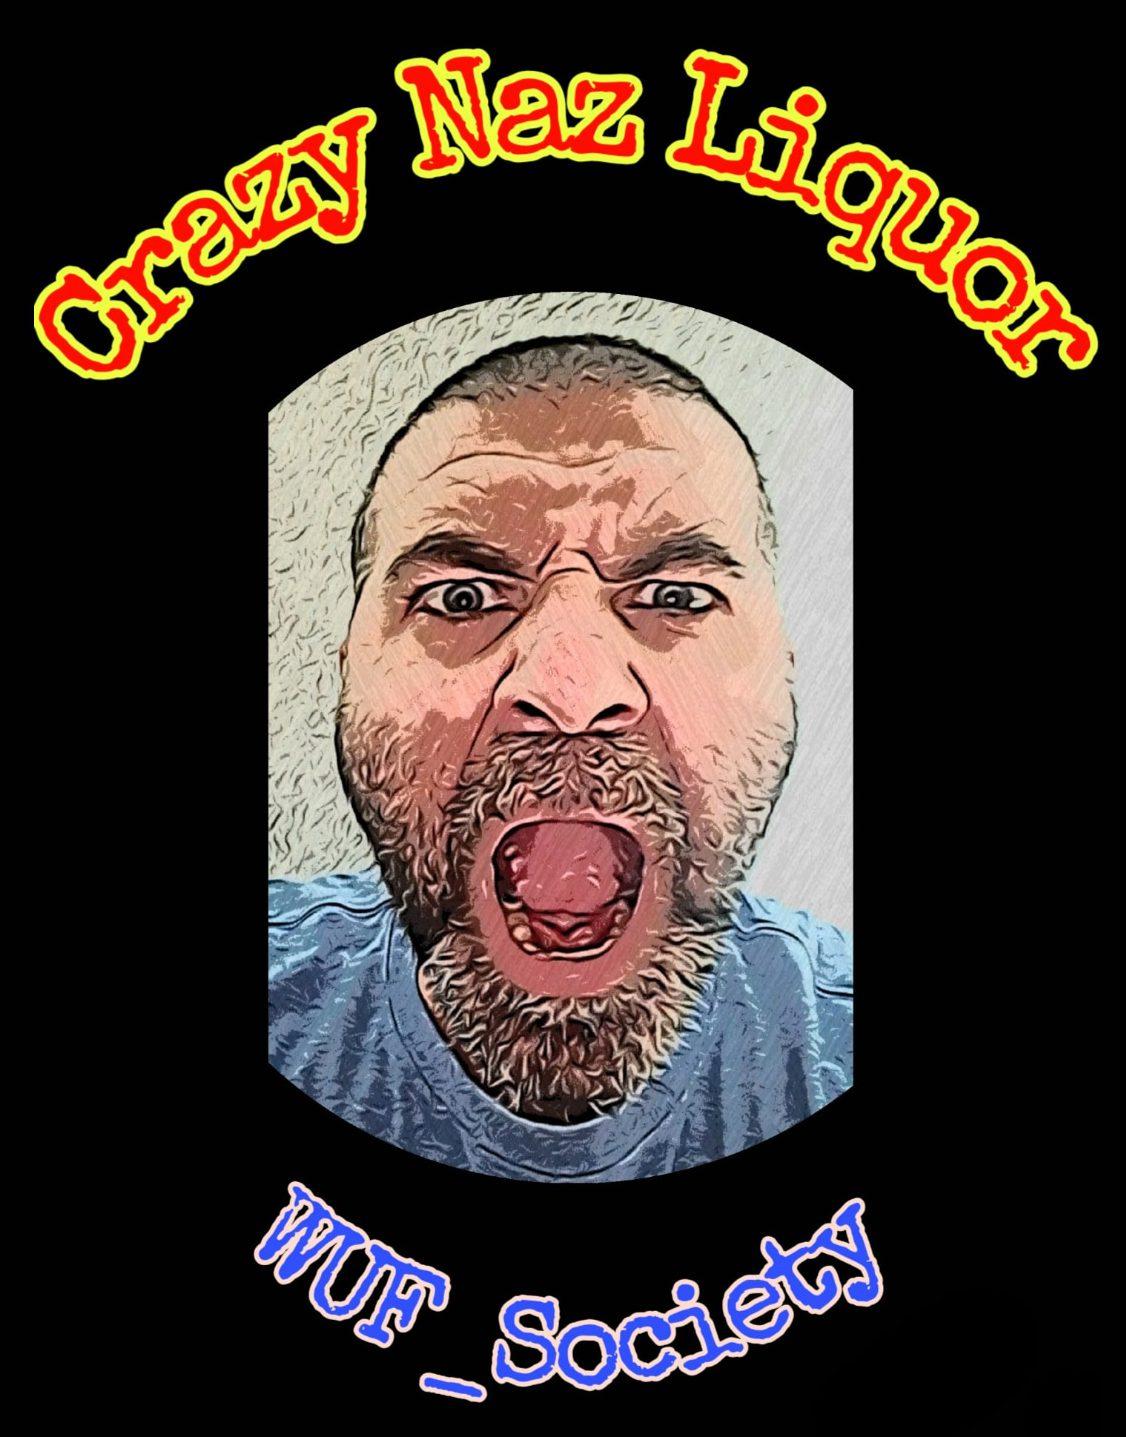 Crazy Naz Liquor